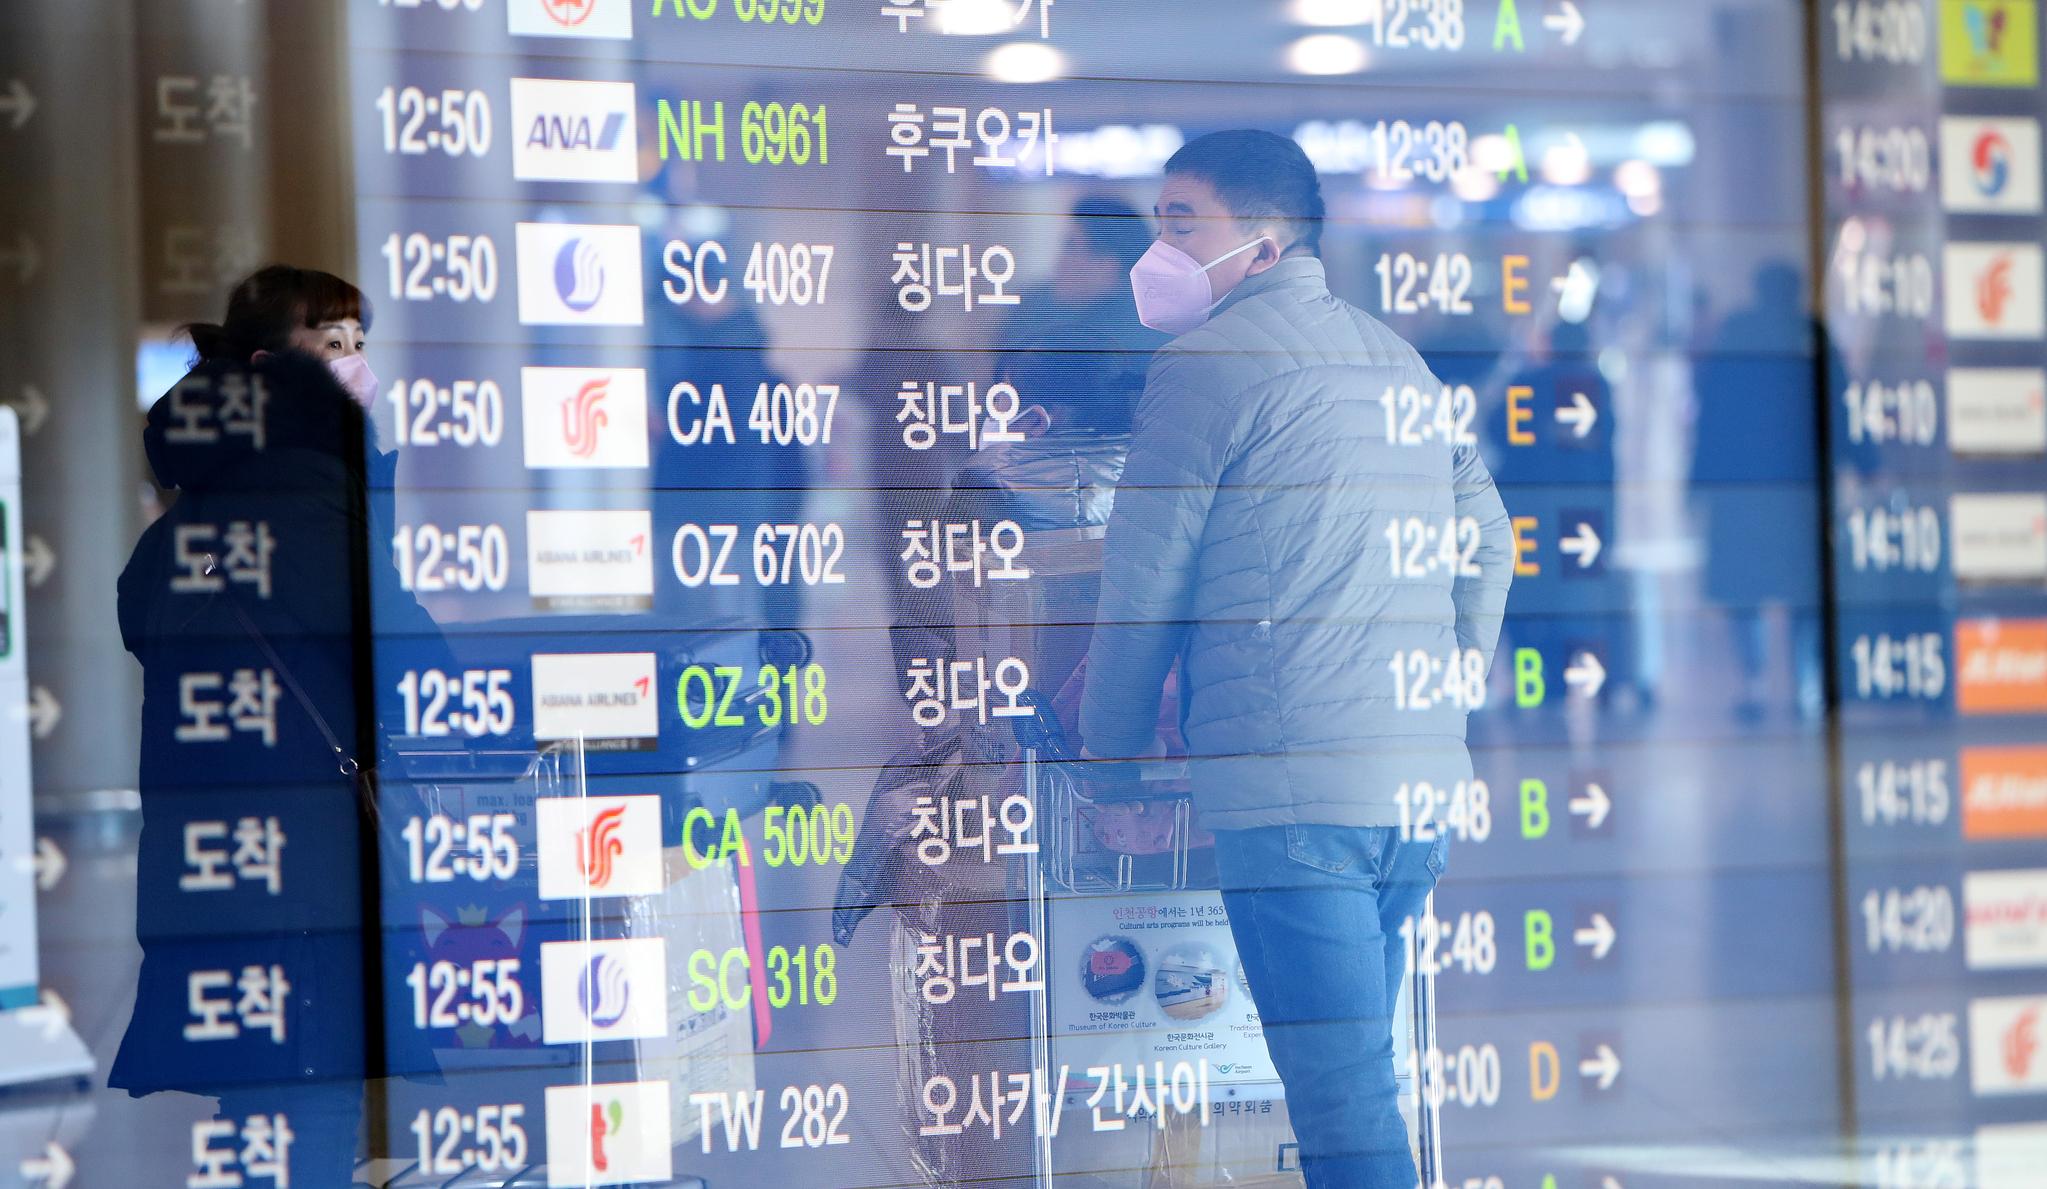 10일 인천국제공항 입국장에 관광객들이 입국하고 있다. [뉴스1]